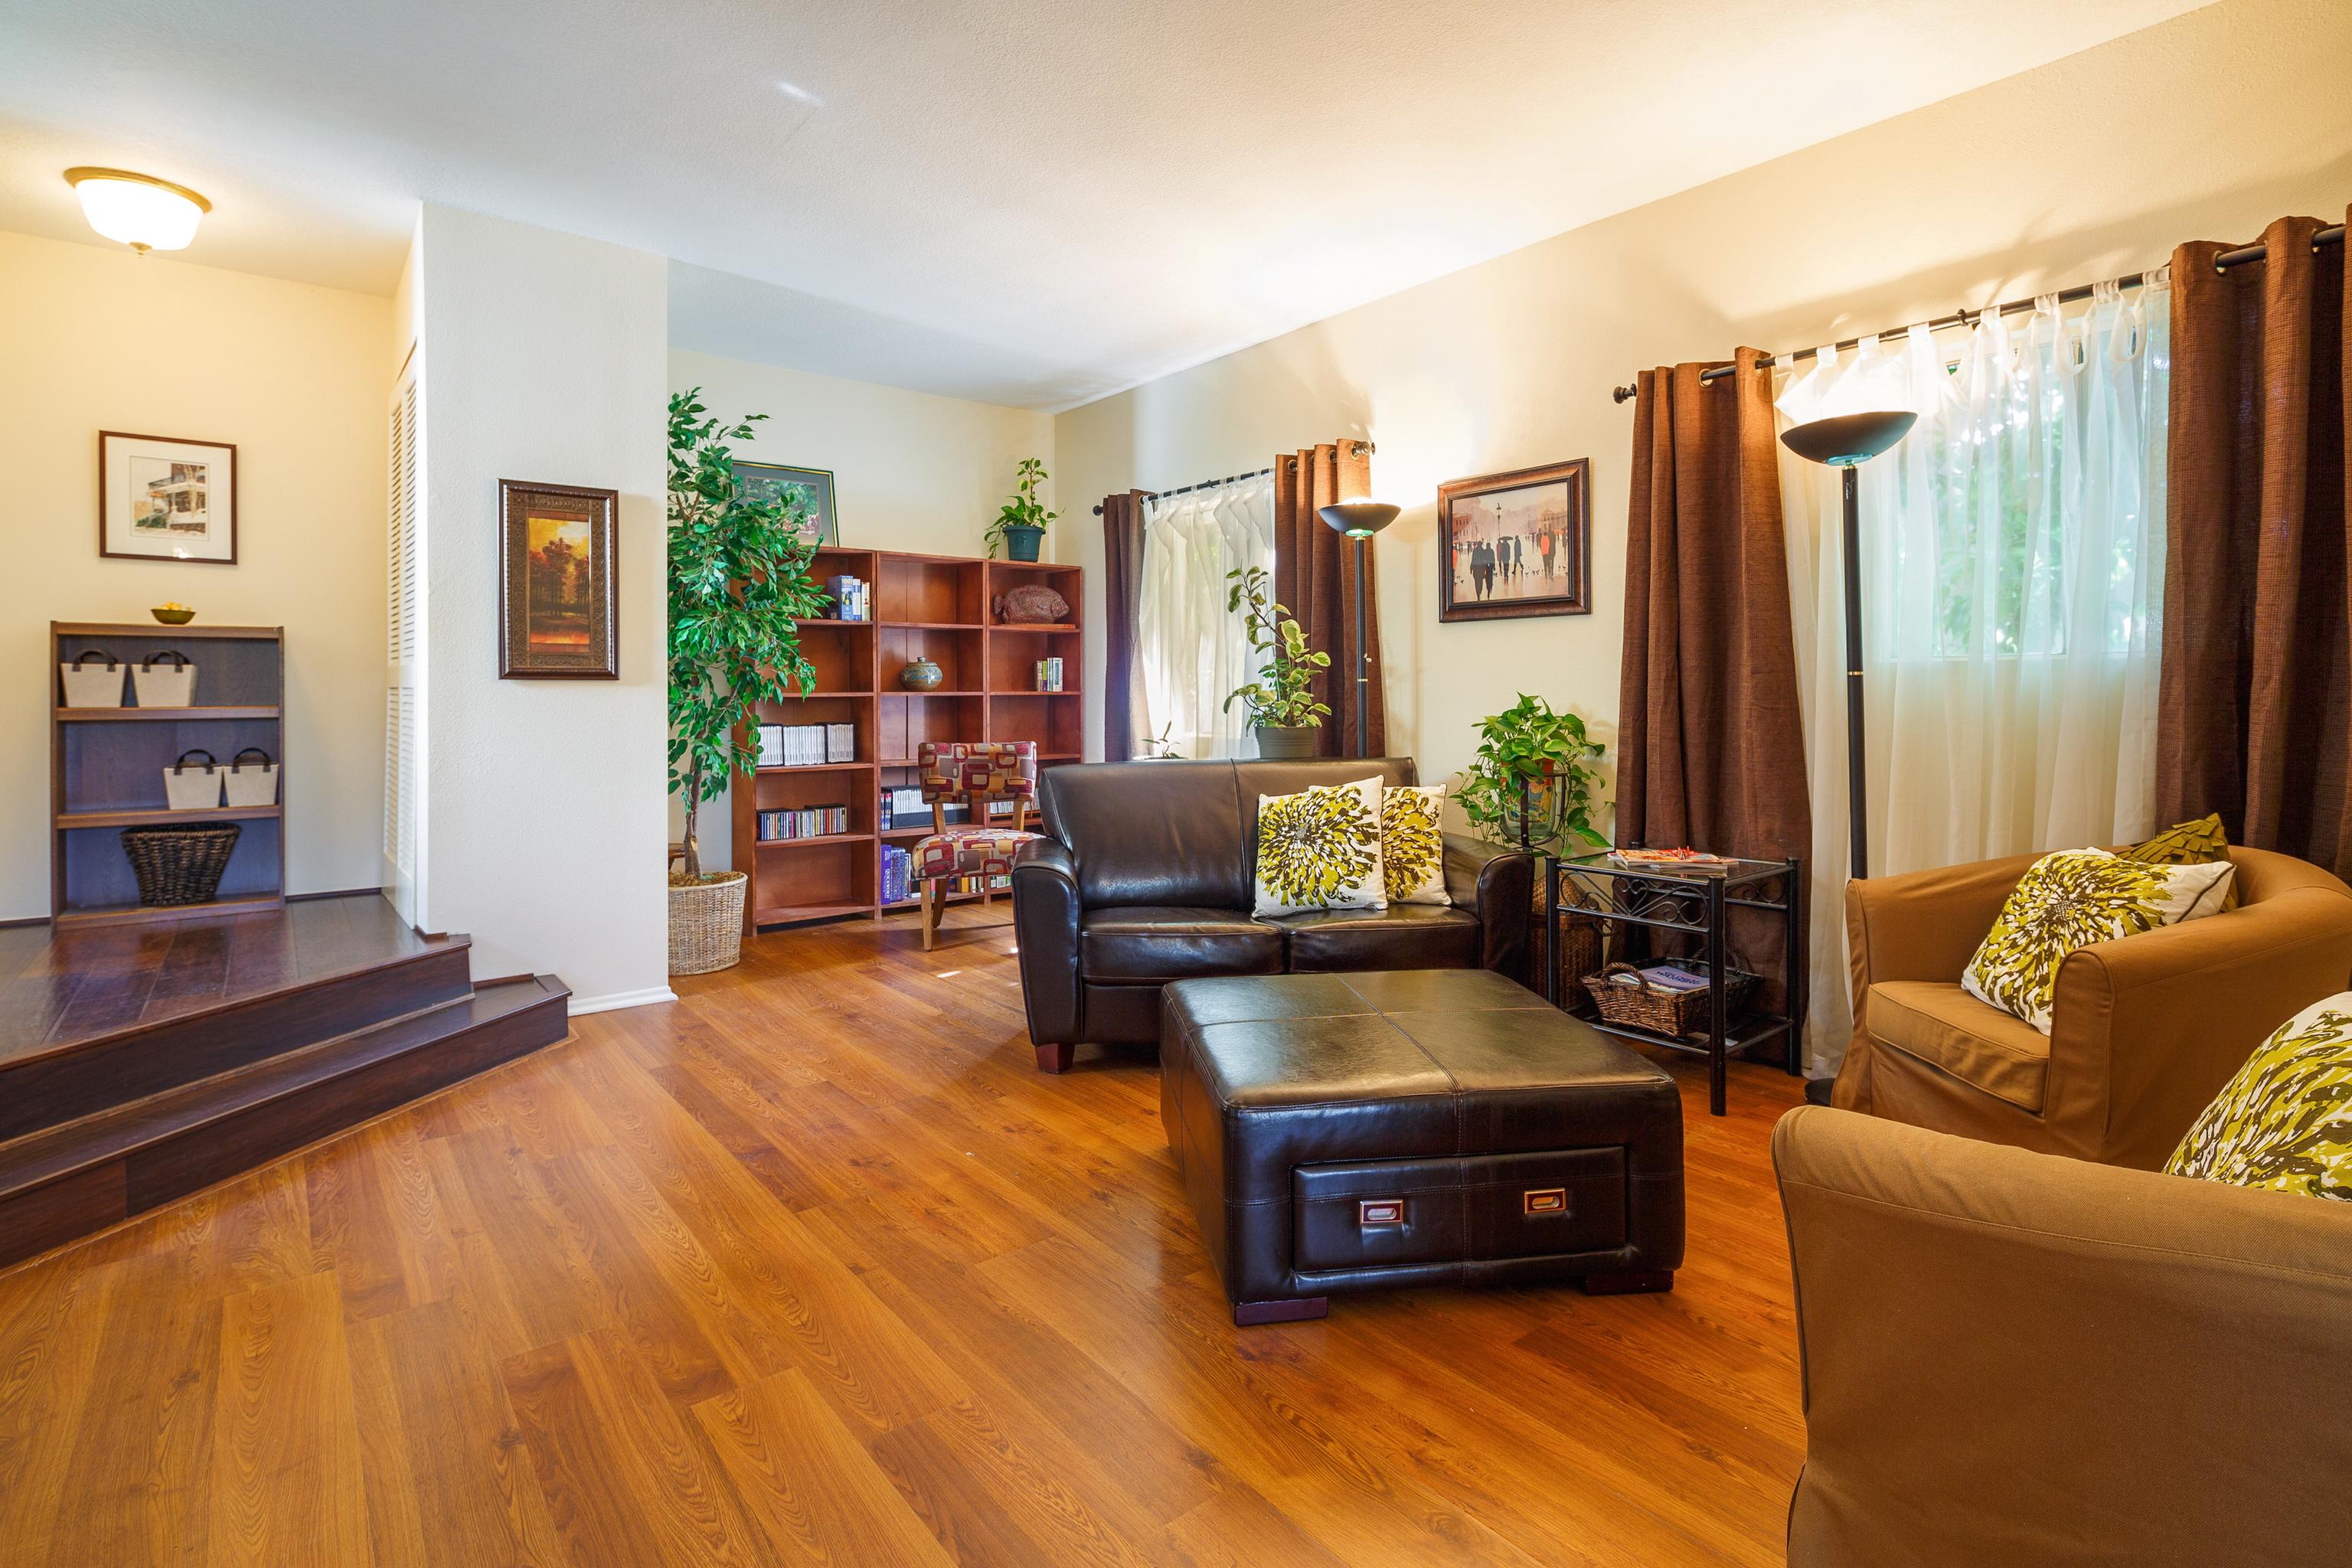 Гостиная с двумя окнами и винтажной мебелью